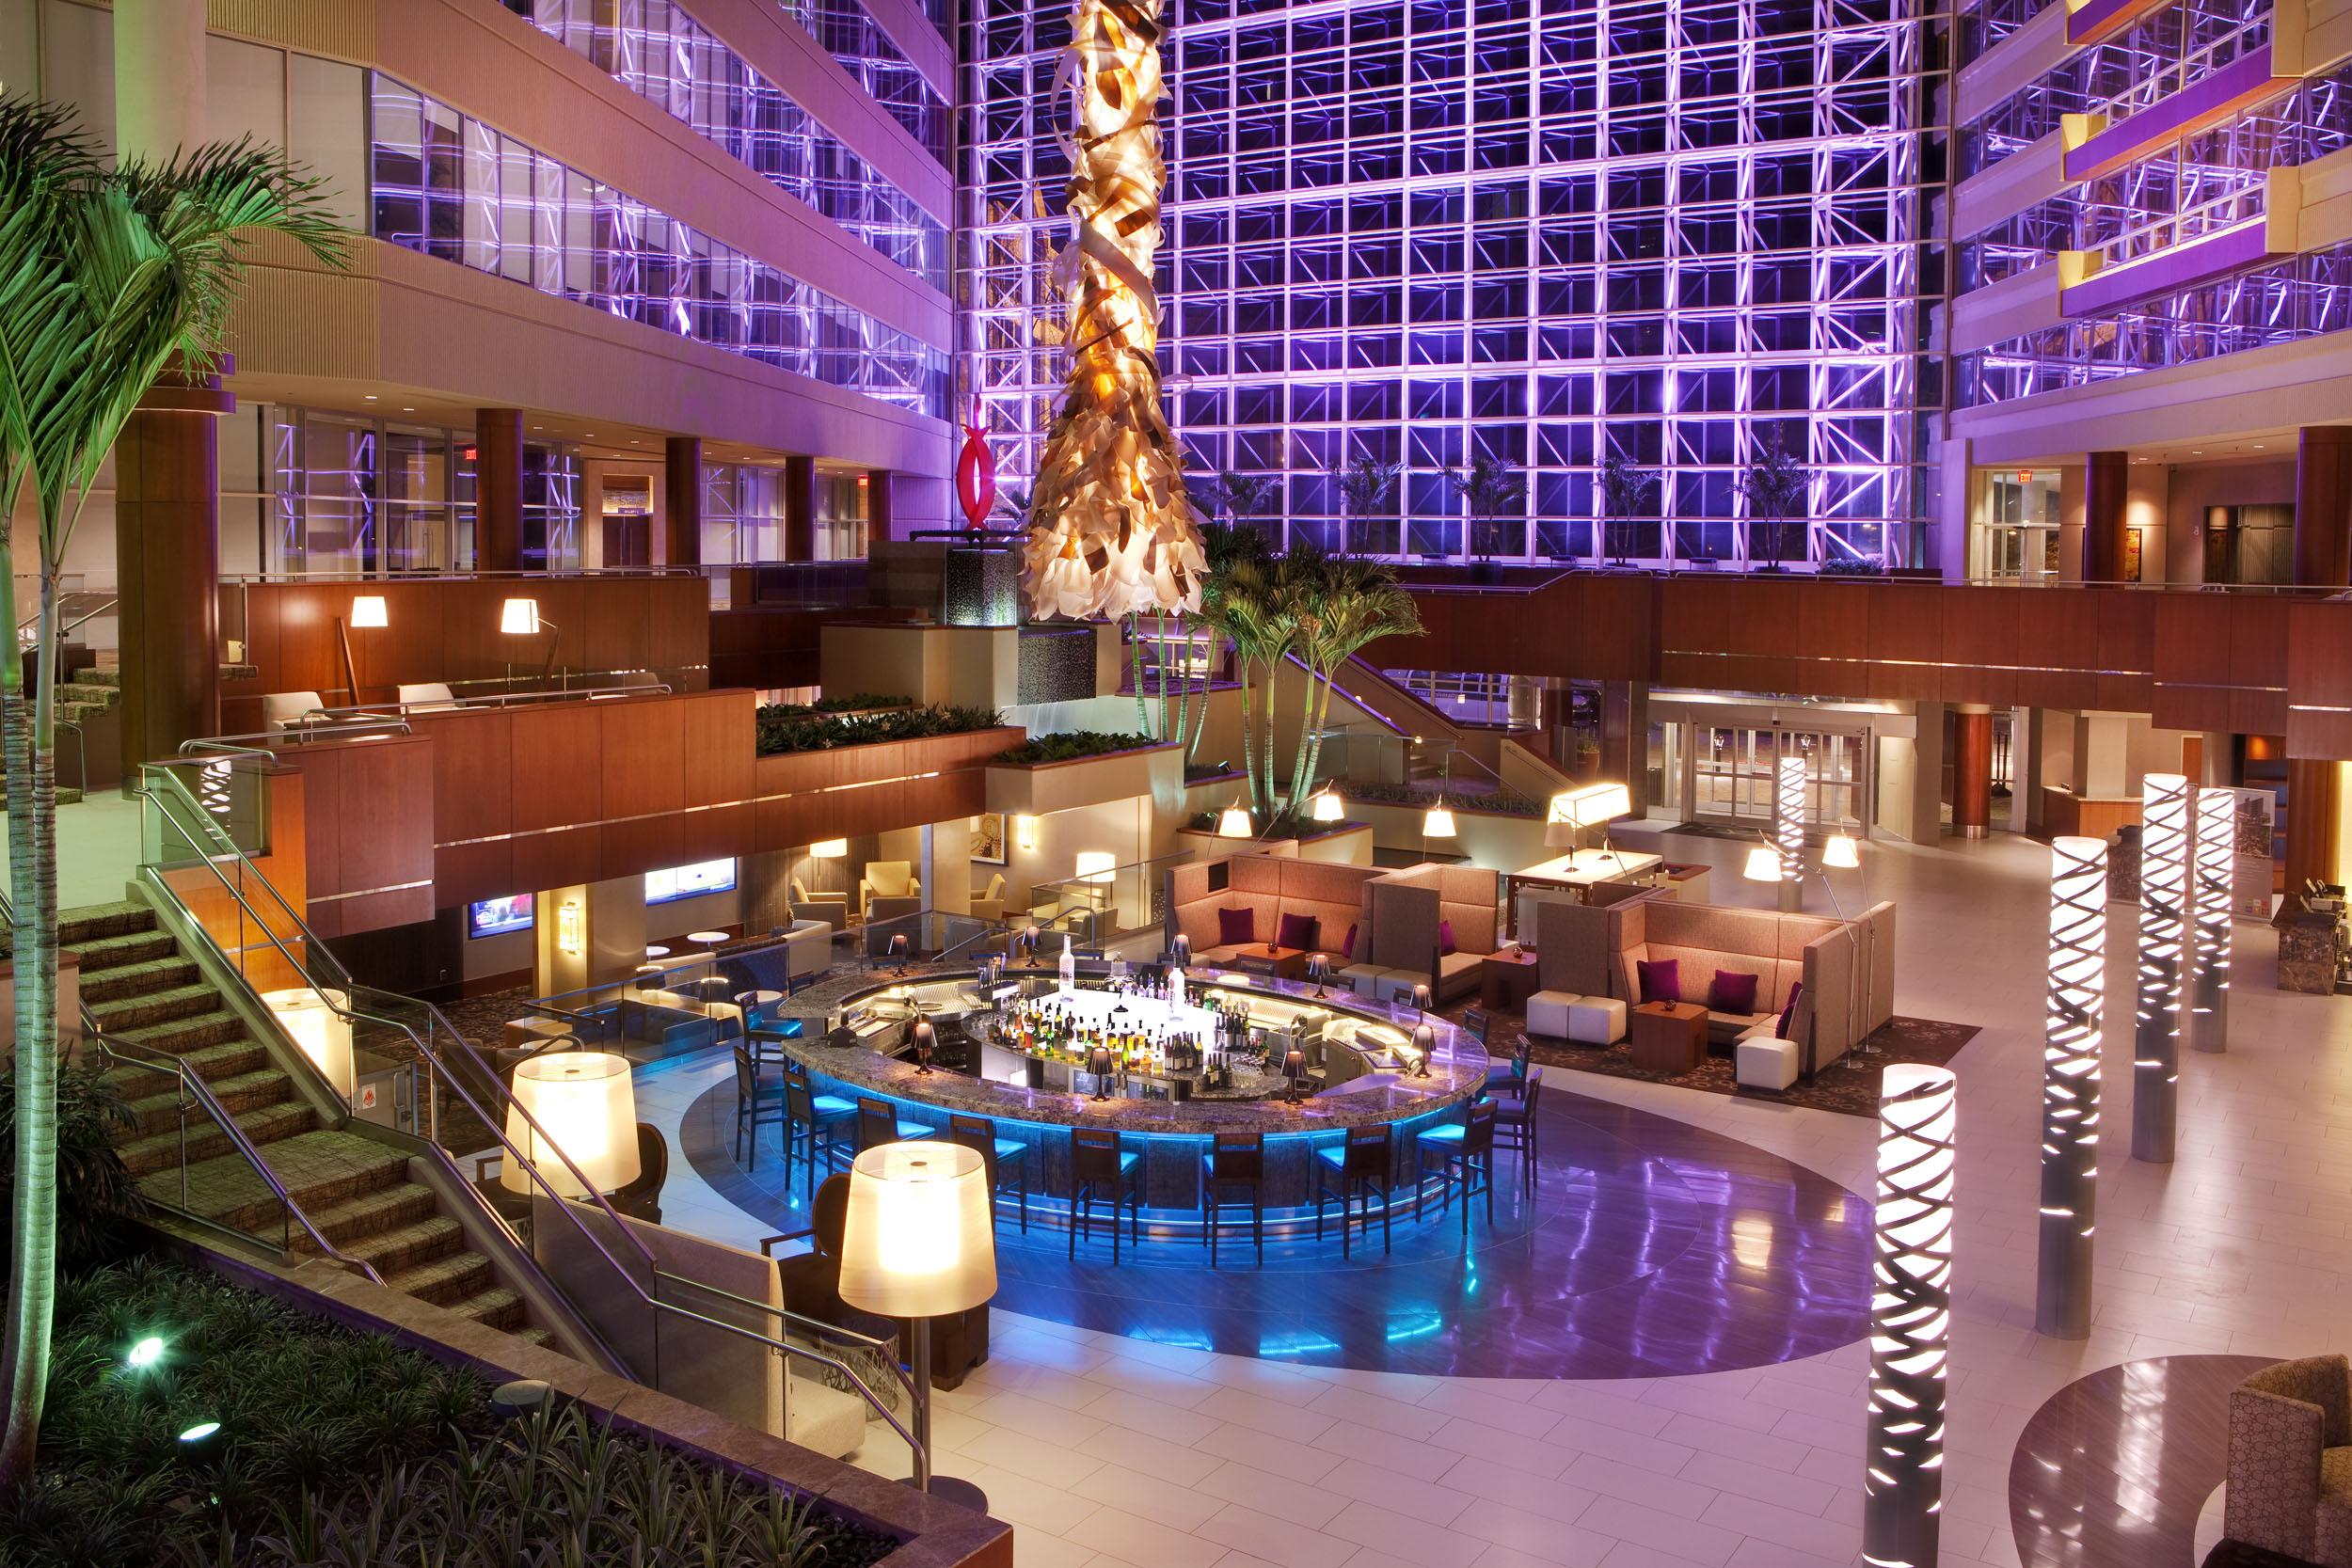 Jhm Hotels Completes Hyatt Regency Greenville Multimillion Dollar Renovation Project